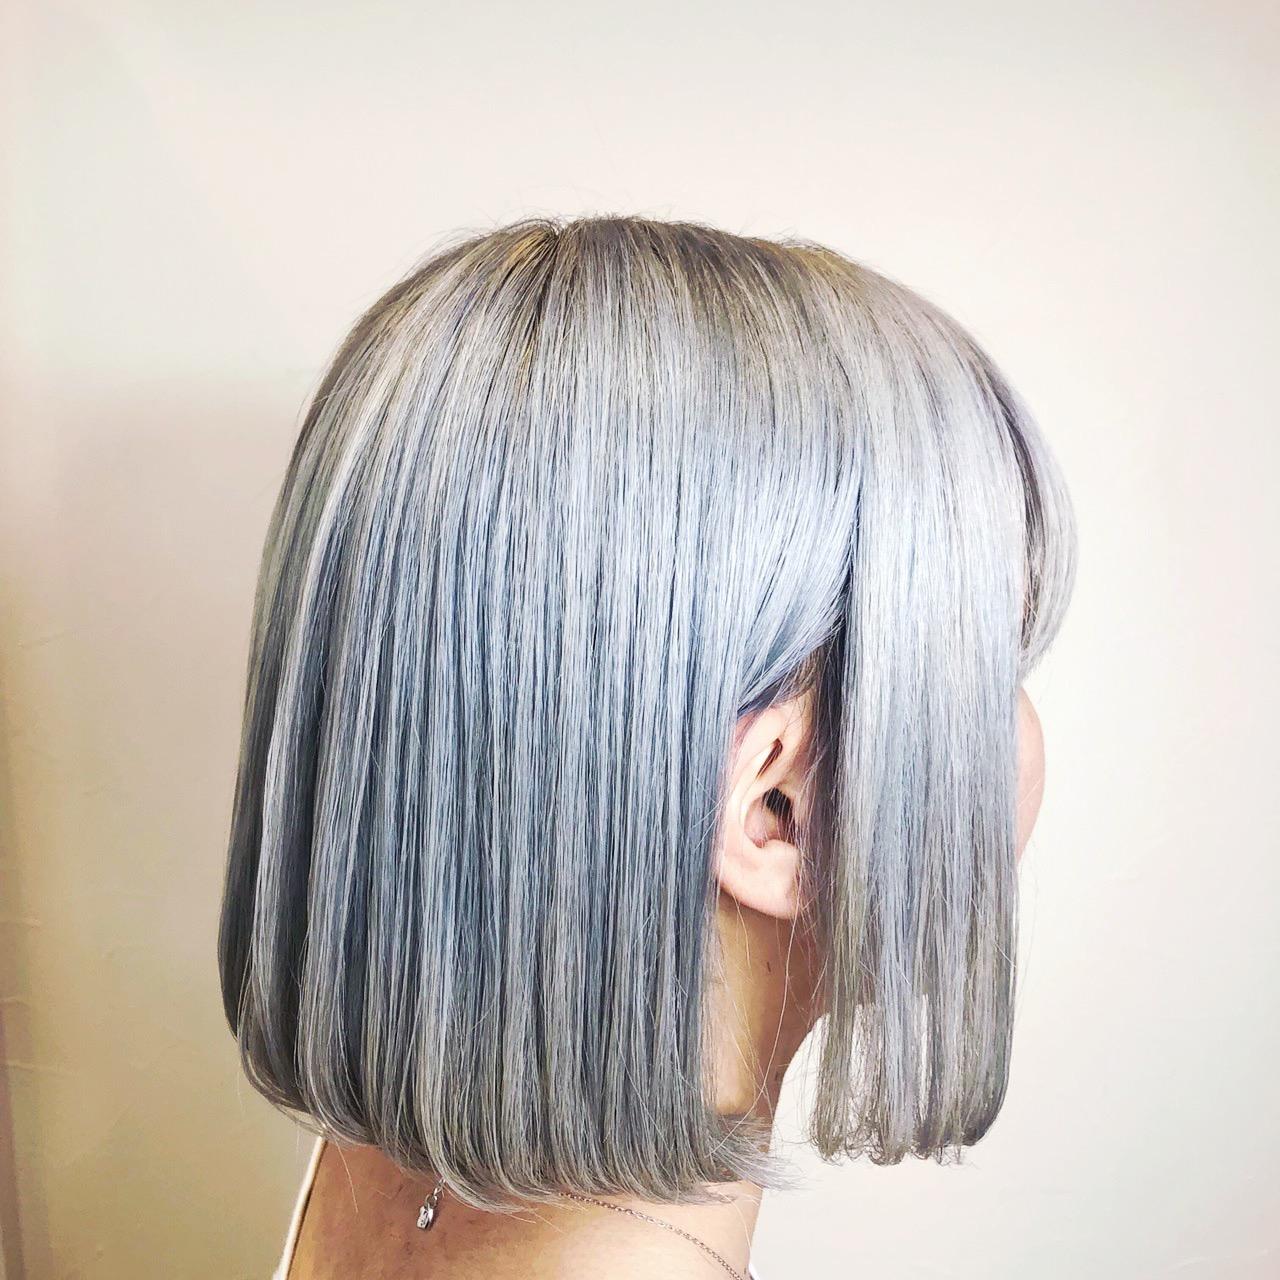 ヘアカラーのホワイトアッシュってどんな髪色?美容室4cmのミノちゃんが教えちゃいます。